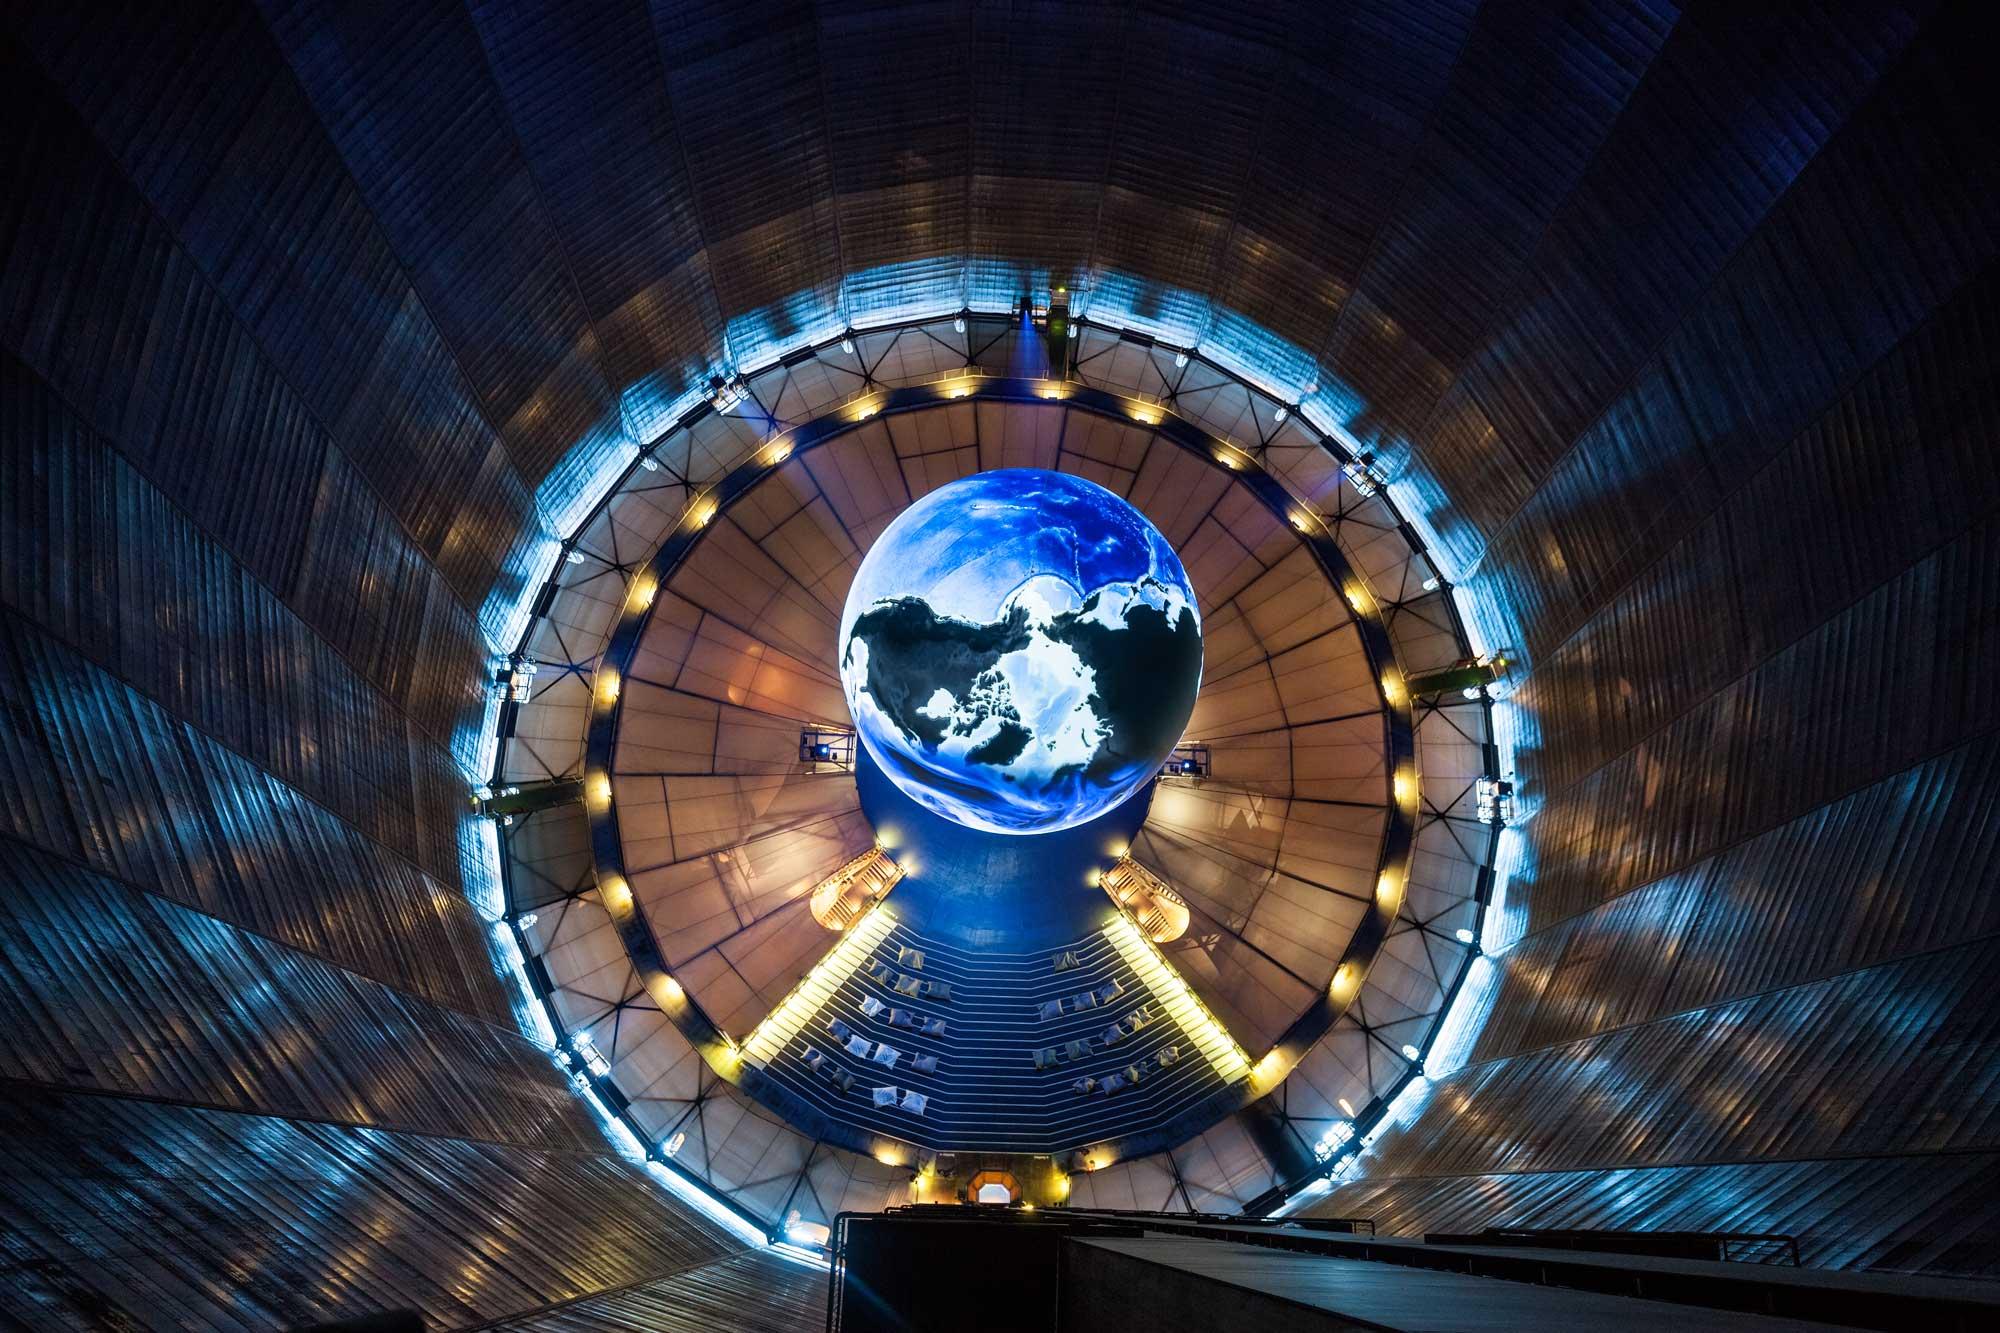 Gasometer Oberhausen Ausstellung öffnungszeiten